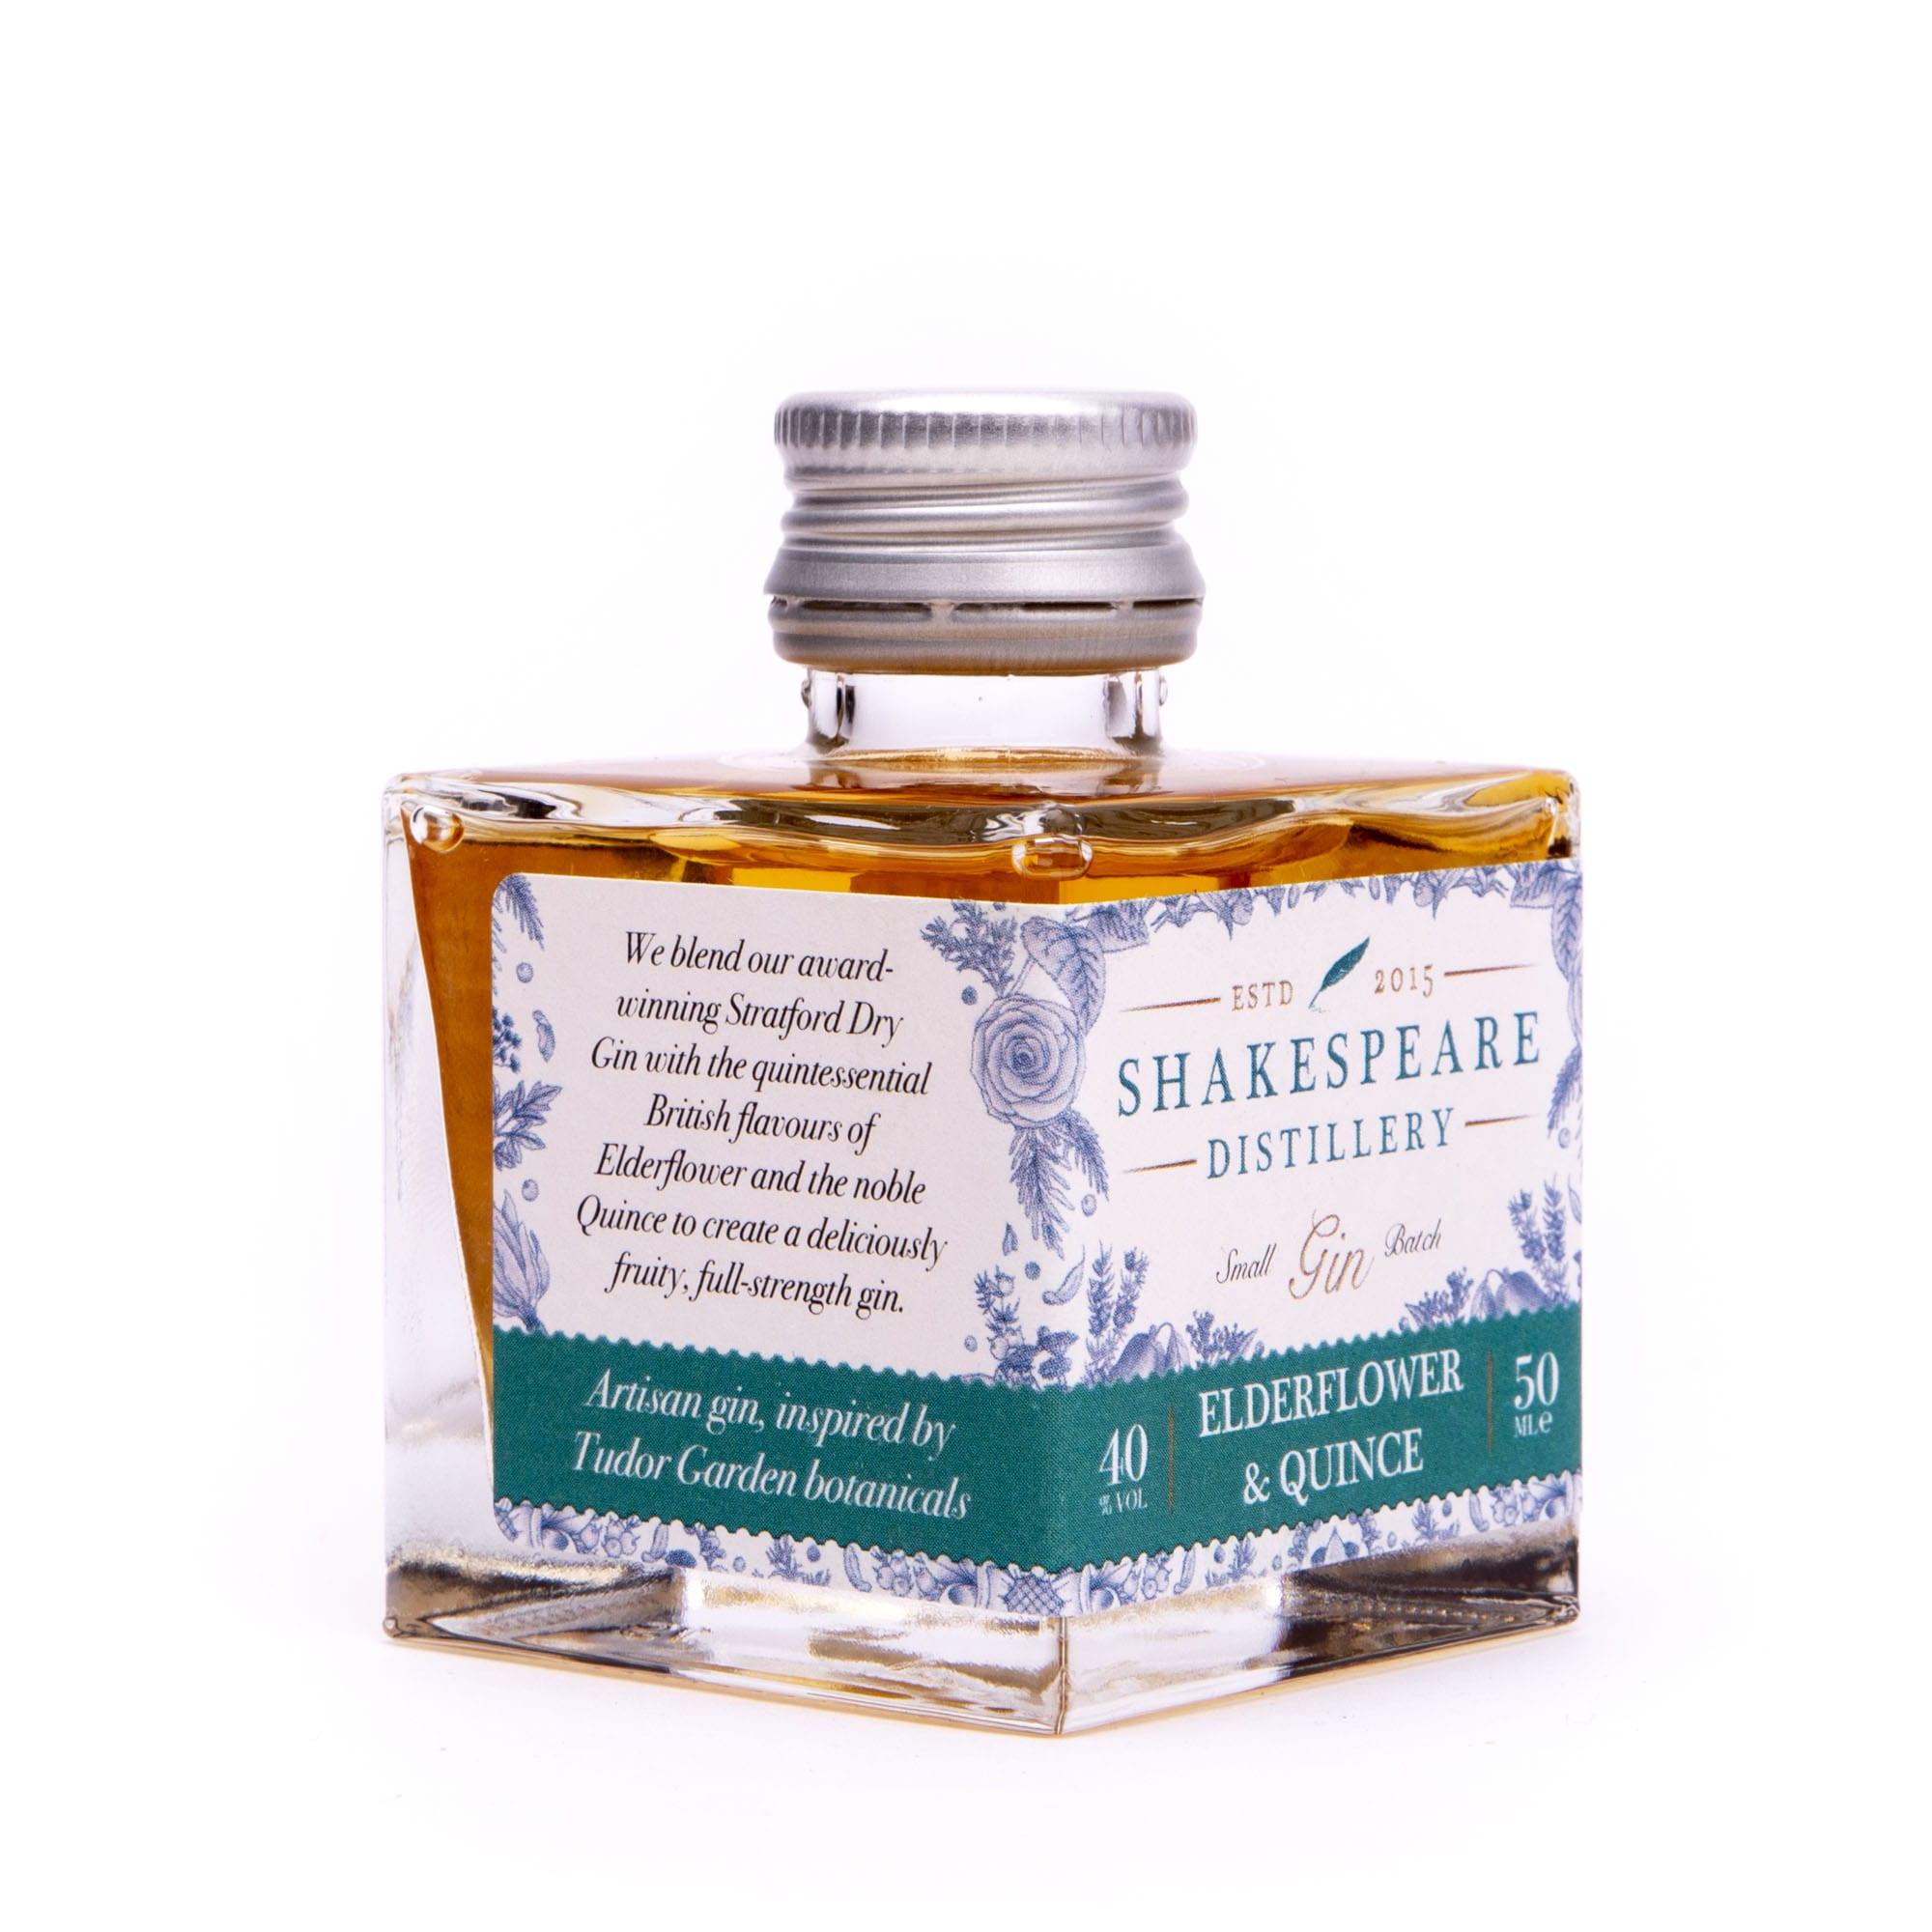 Elderflower & Quince Gin